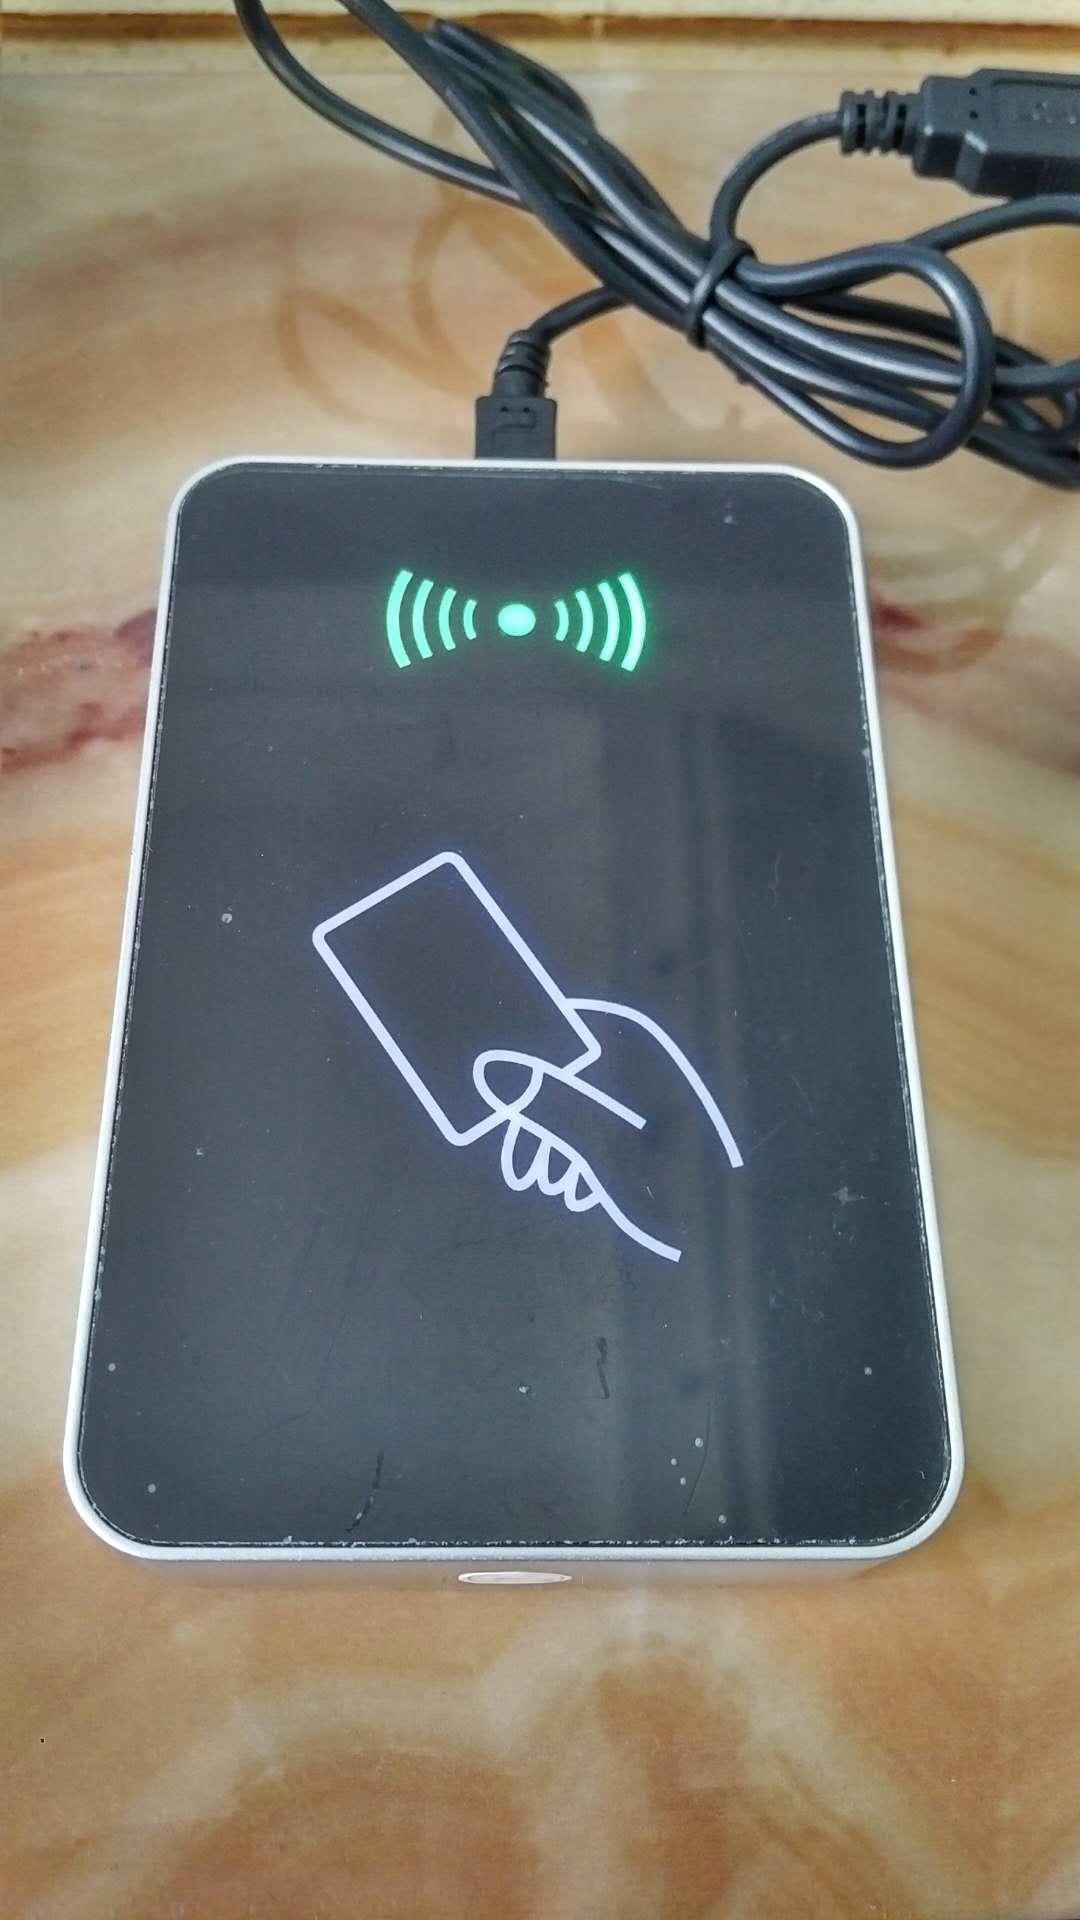 UHF RFID USB Deskop Reader/Writer